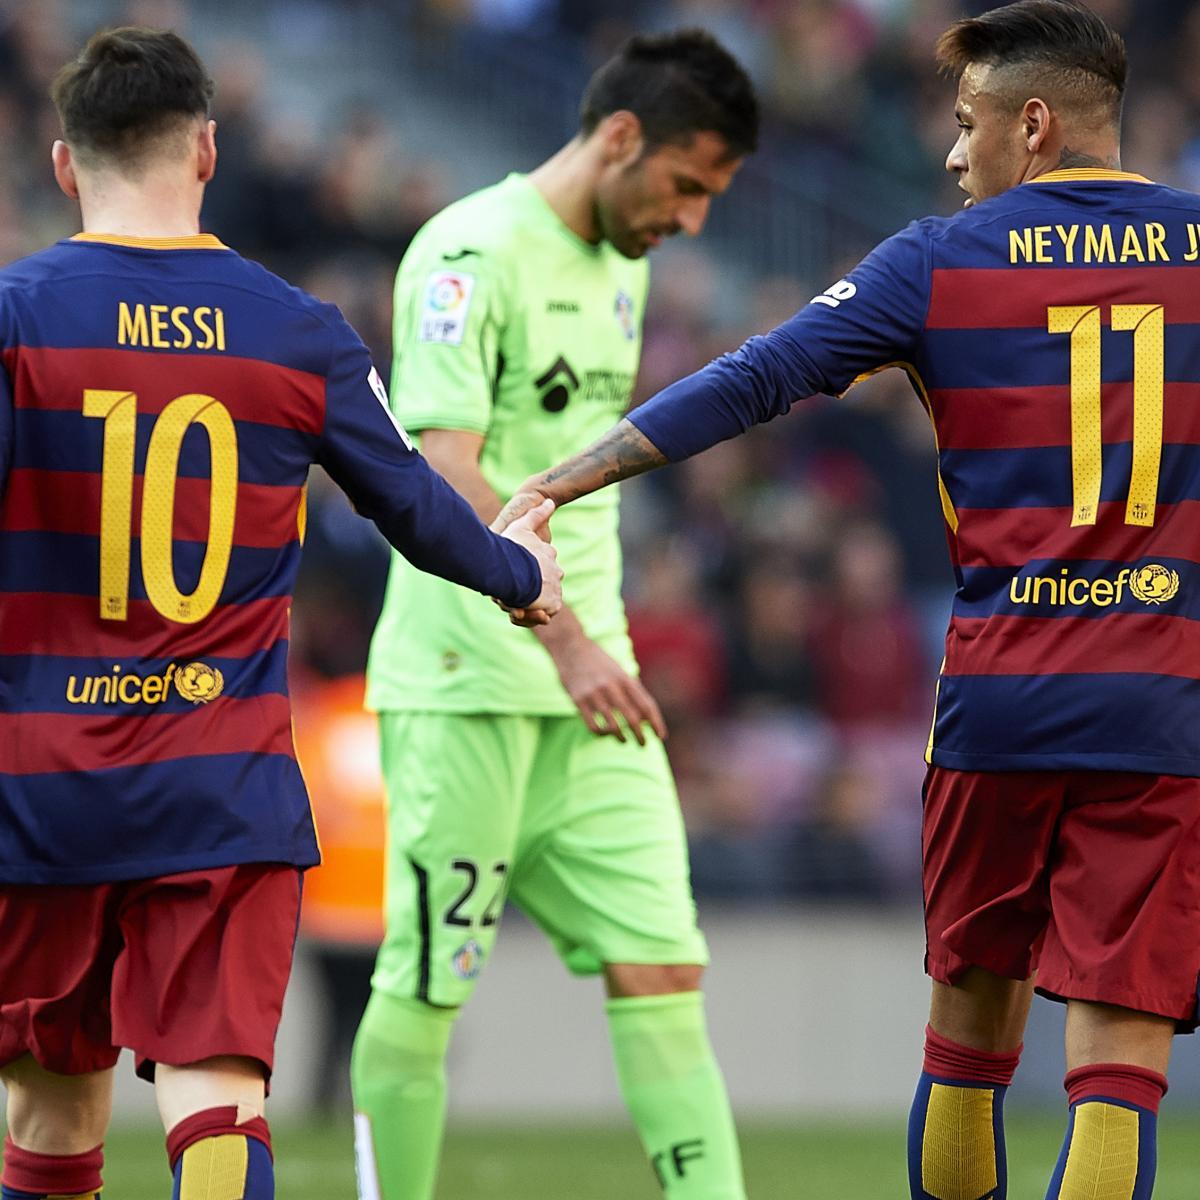 Immagine di copertina di Spanish - La Liga